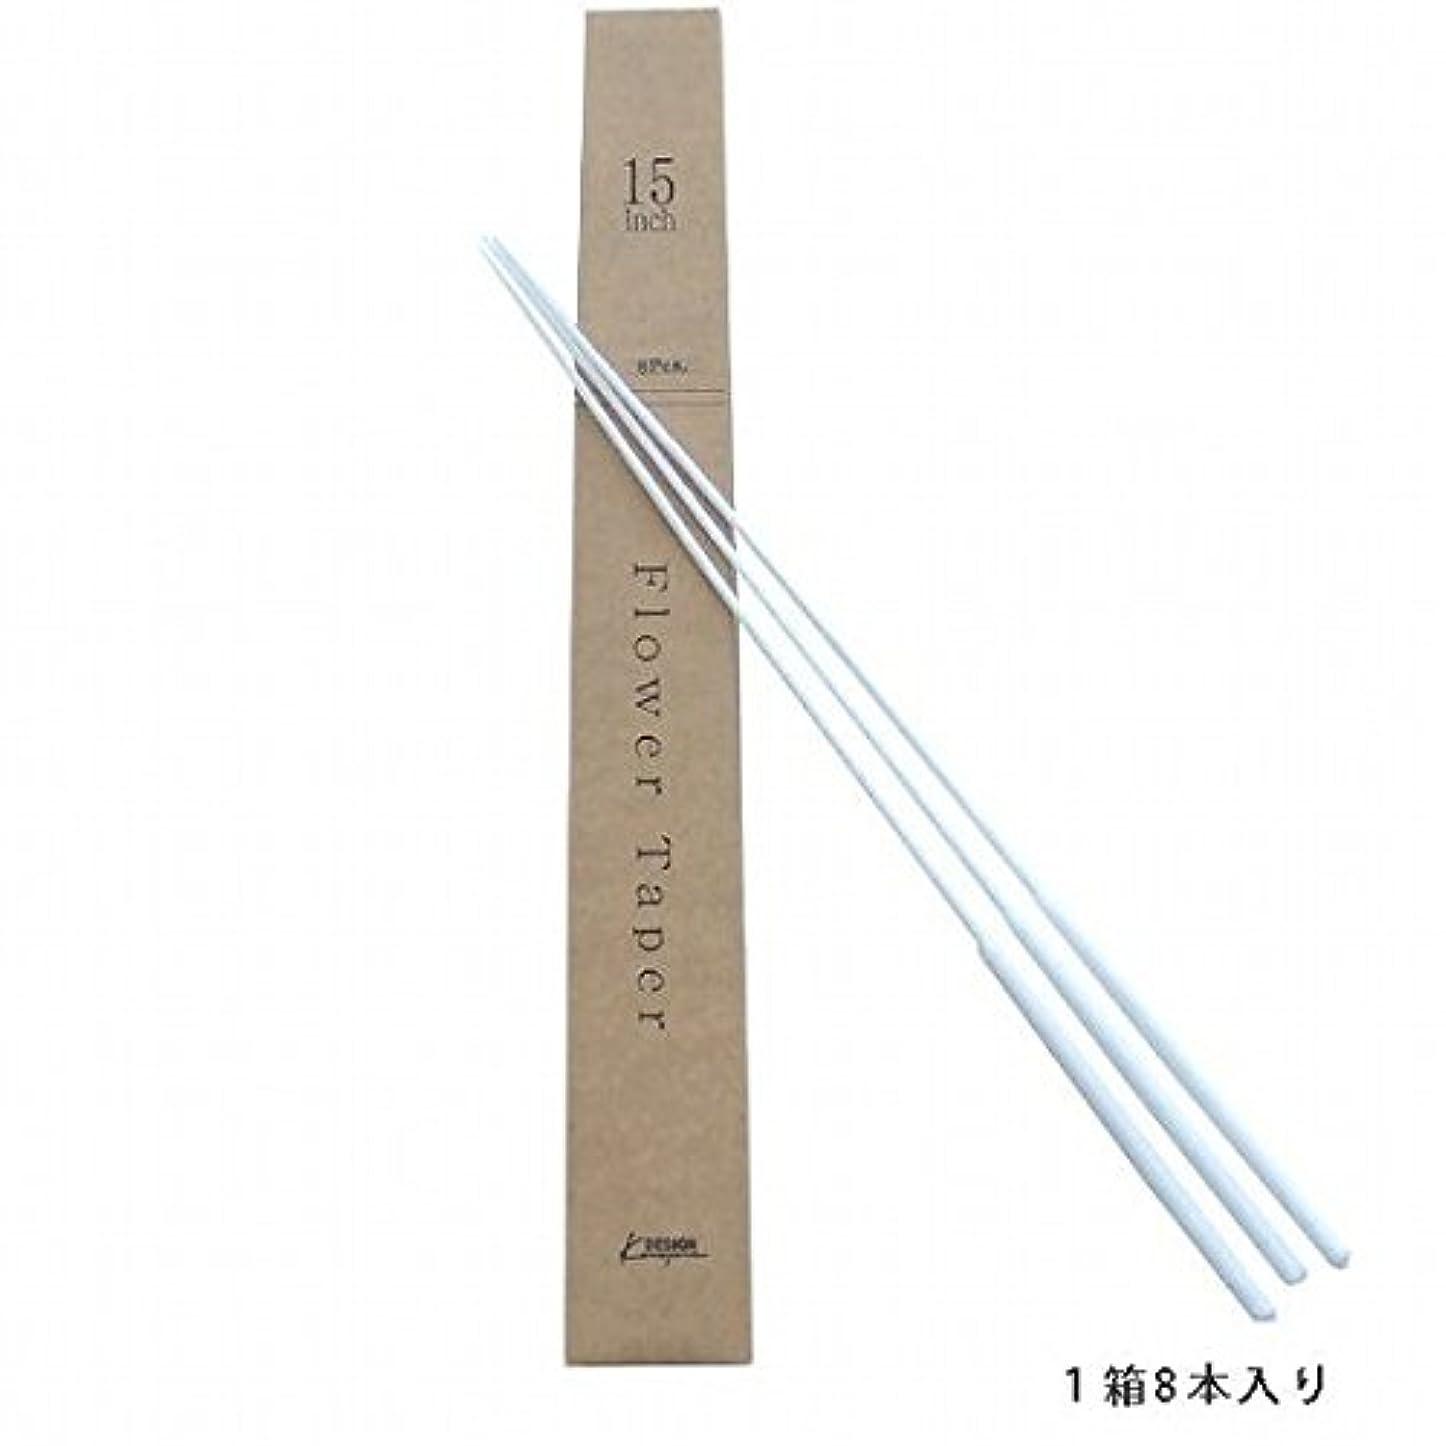 詩人パトワ純粋にkameyama candle(カメヤマキャンドル) 15インチトーチ用フラワーテーパー 8本入 「 ホワイト 」(71839998W)